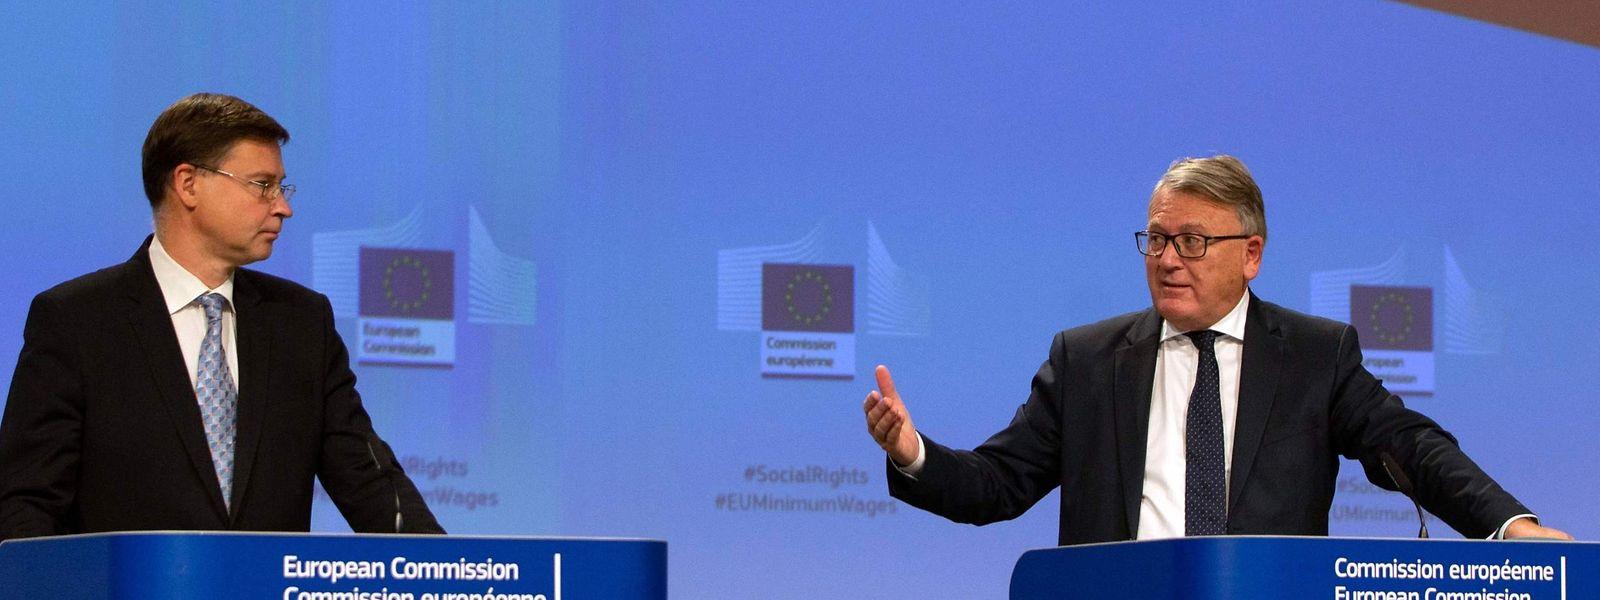 Die EU-Kommissare Nicolas Schmit und Valdis Dombrovskis (l.) bei der Vorstellung der Gesetzesinitiative.